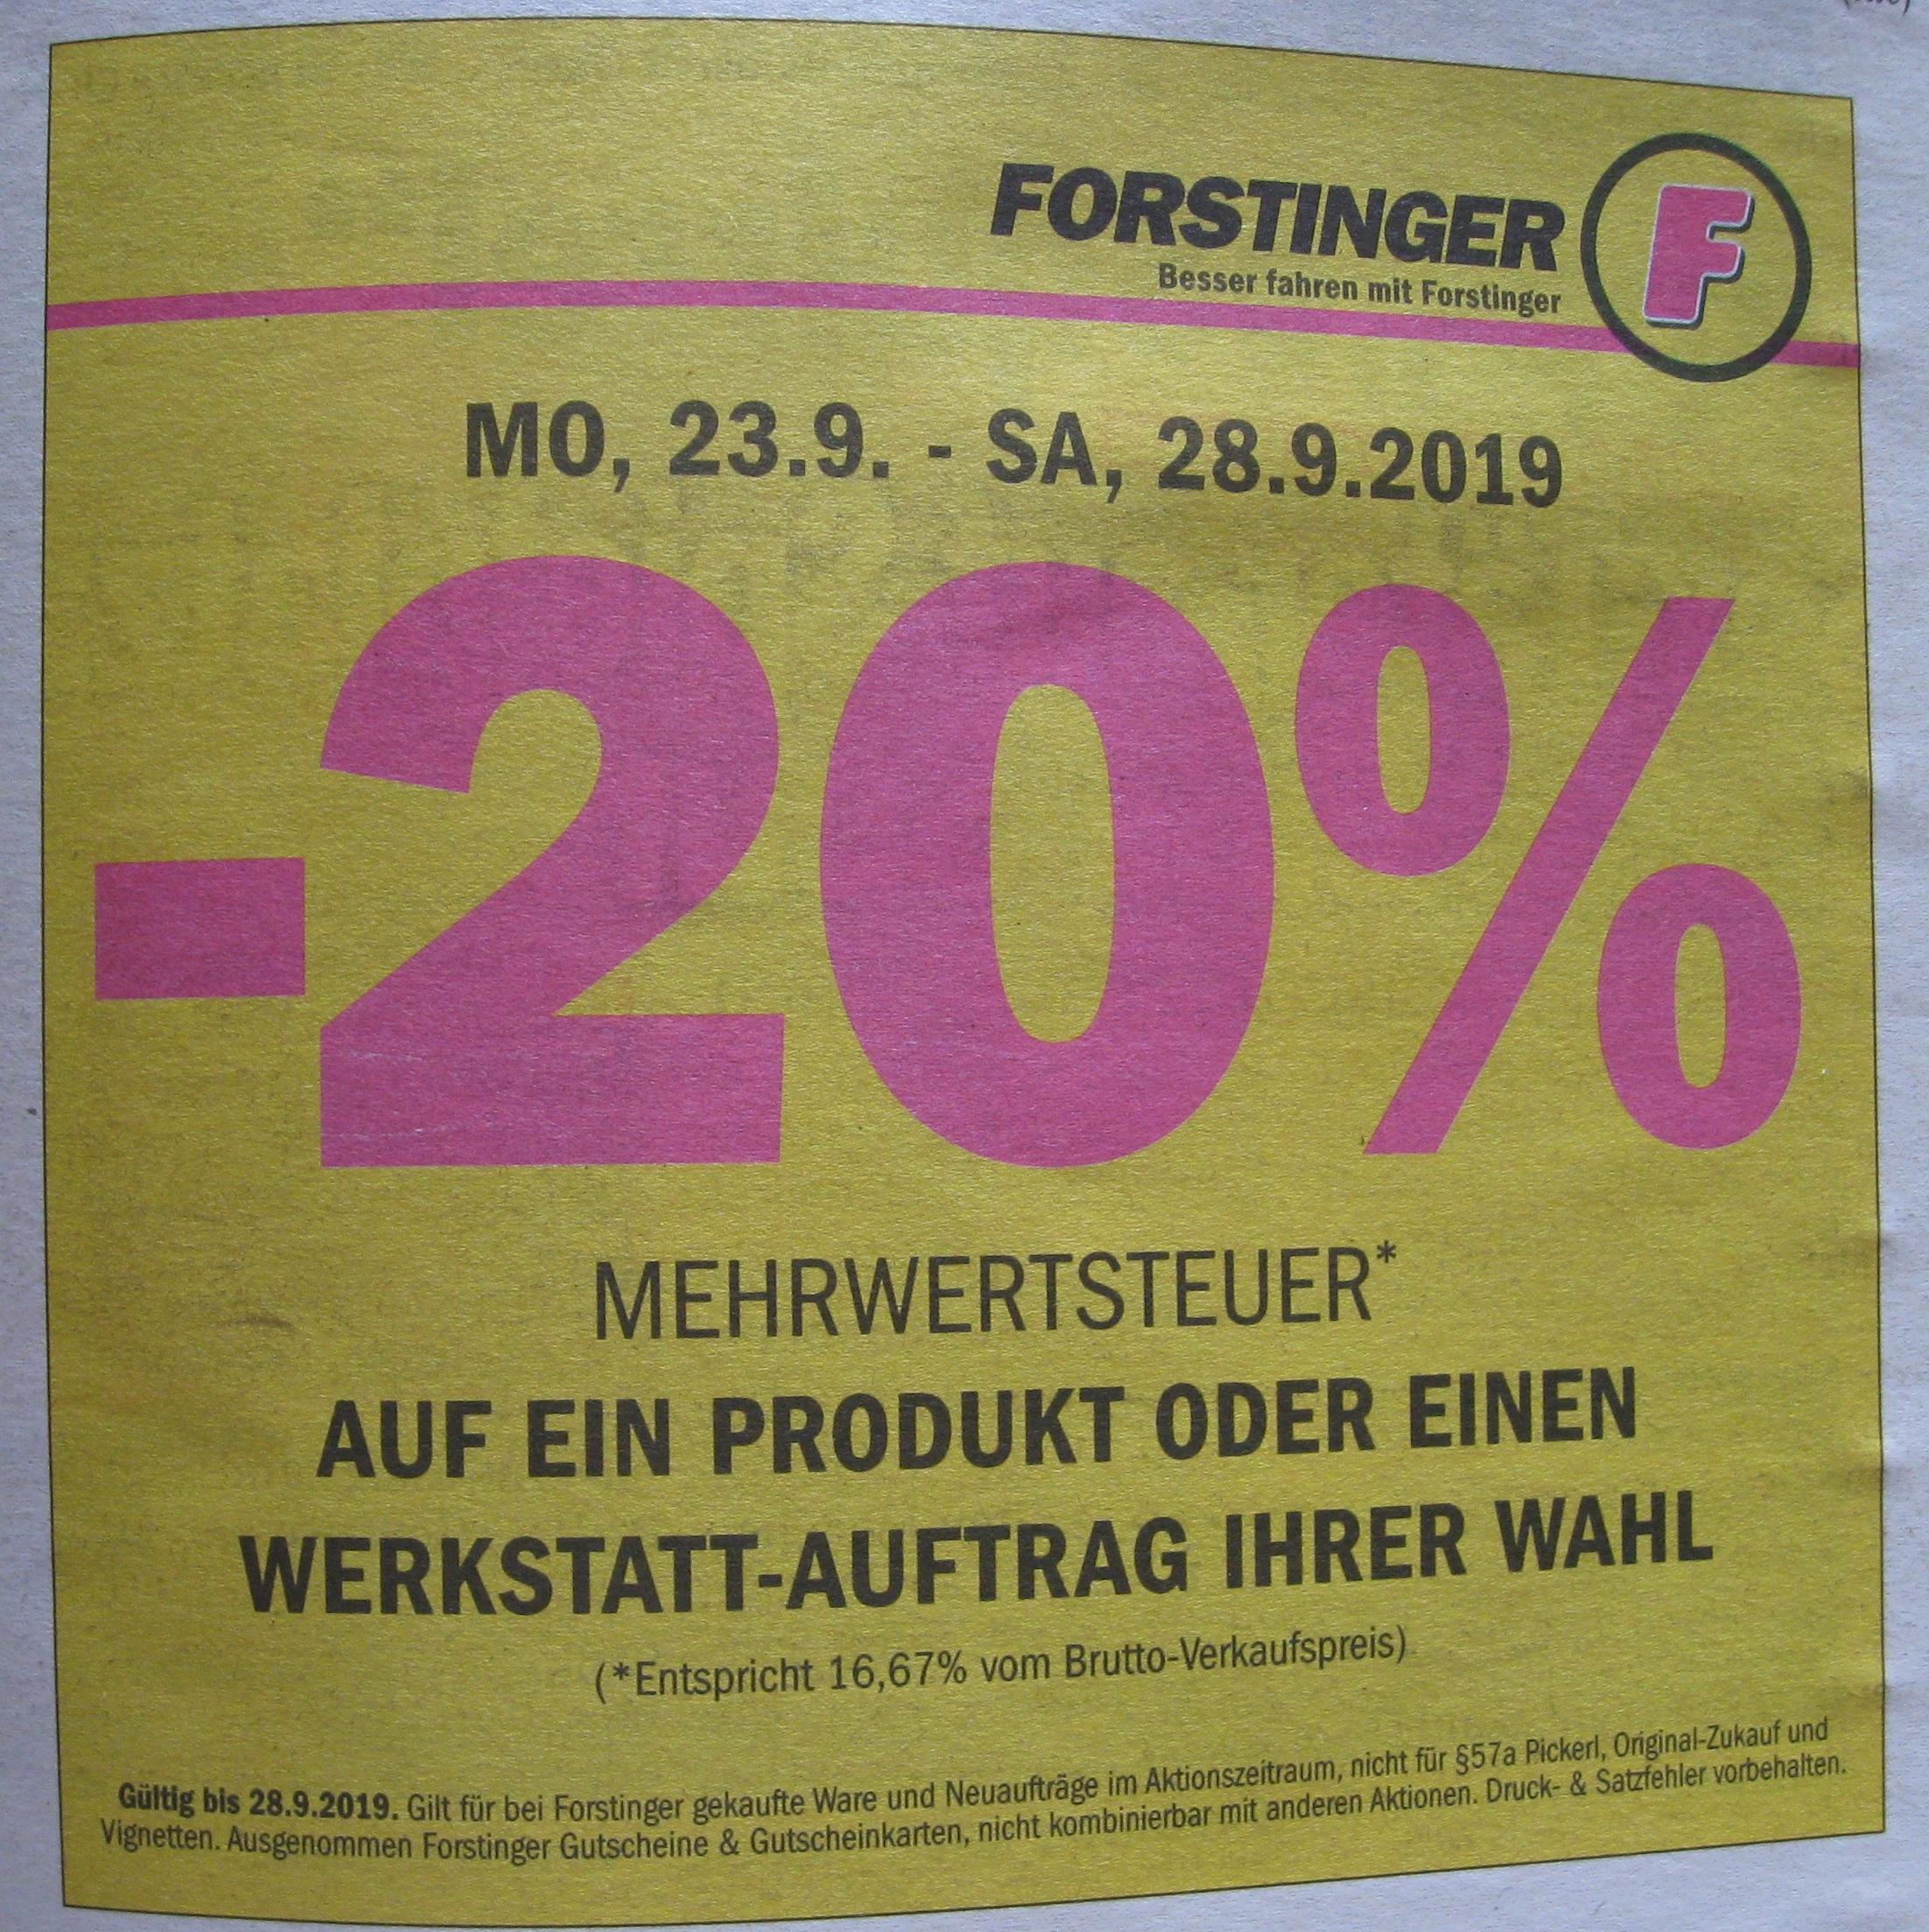 Mehrwertsteuer sparen bei Forstinger bis 28.9.2019 (Produkt / Werkstatt)